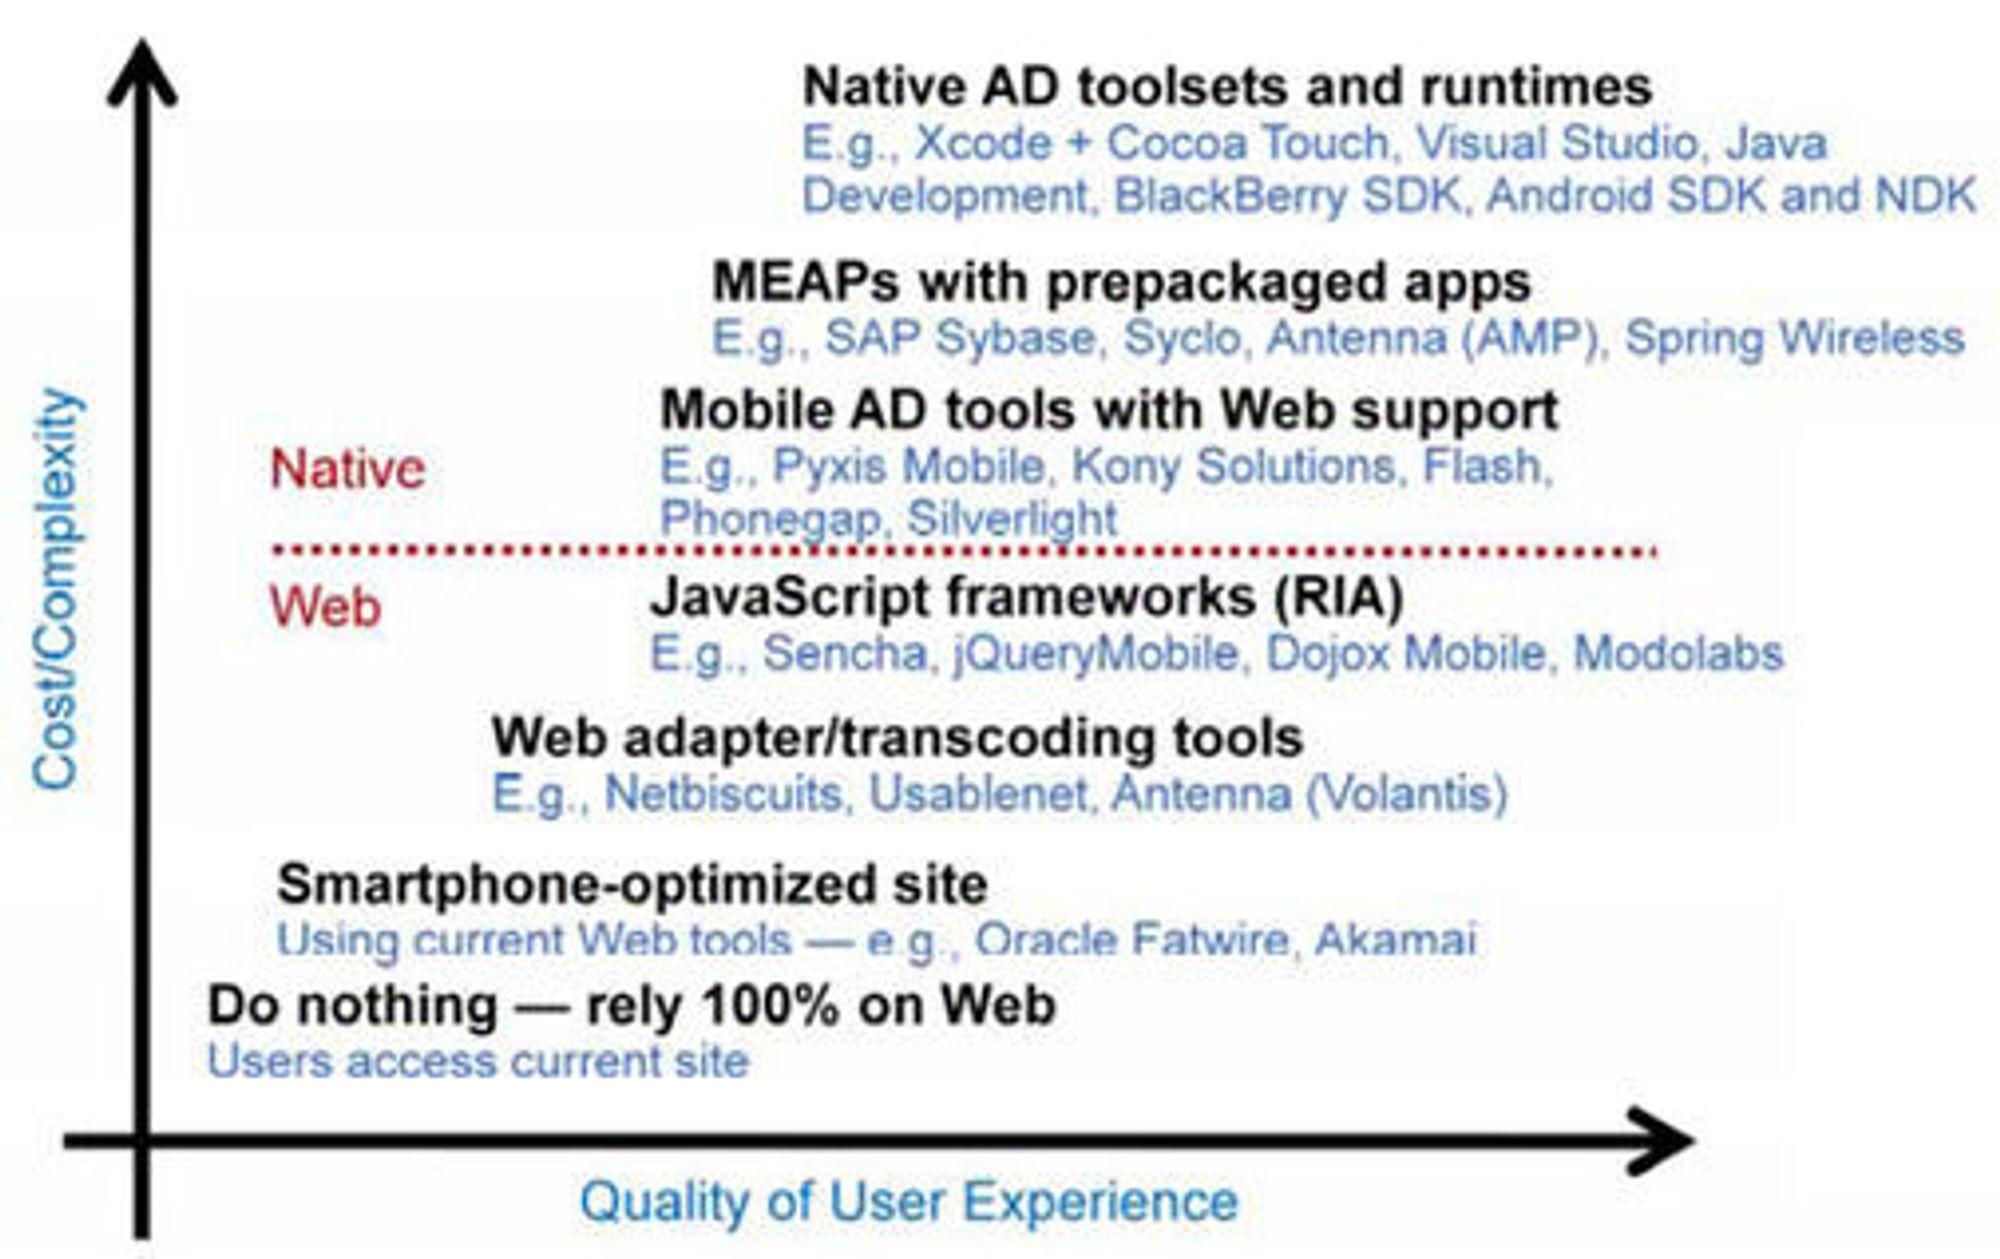 """Ulike tilnærminger til utvikling av bedriftsapplikasjoner til mobile enheter. MEAP står for """"mobile enterprise application platform""""."""